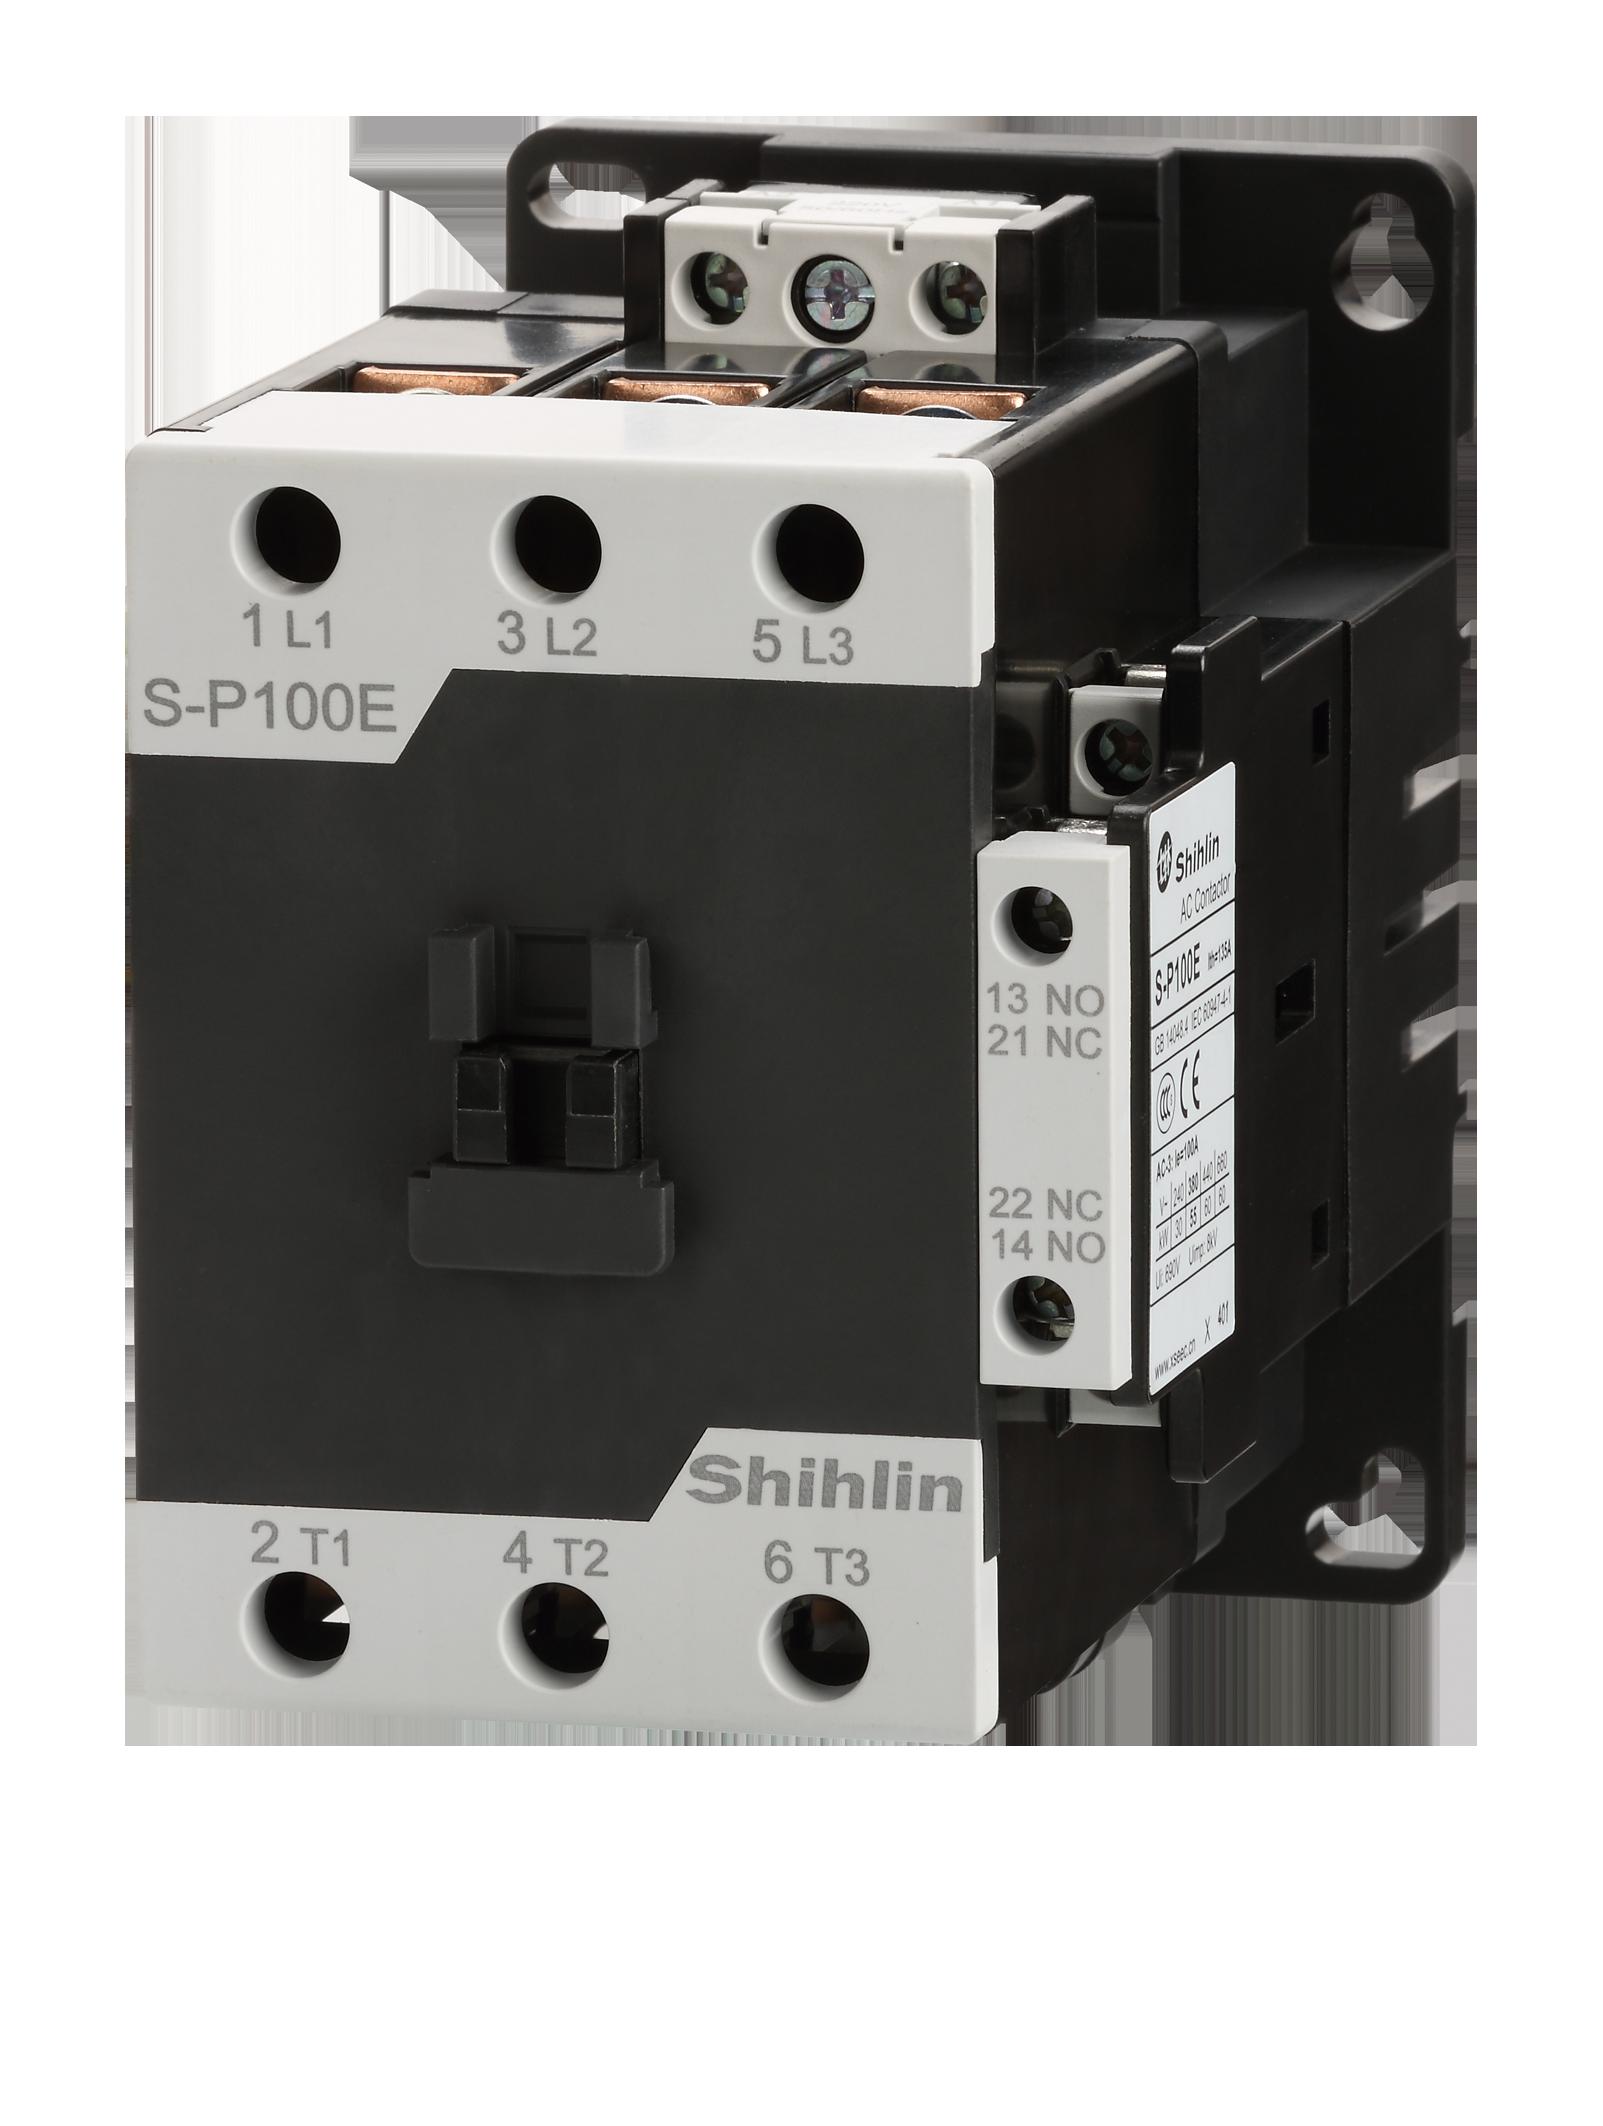 Shihlin Electric Công tắc tơ từ tính S-P100E